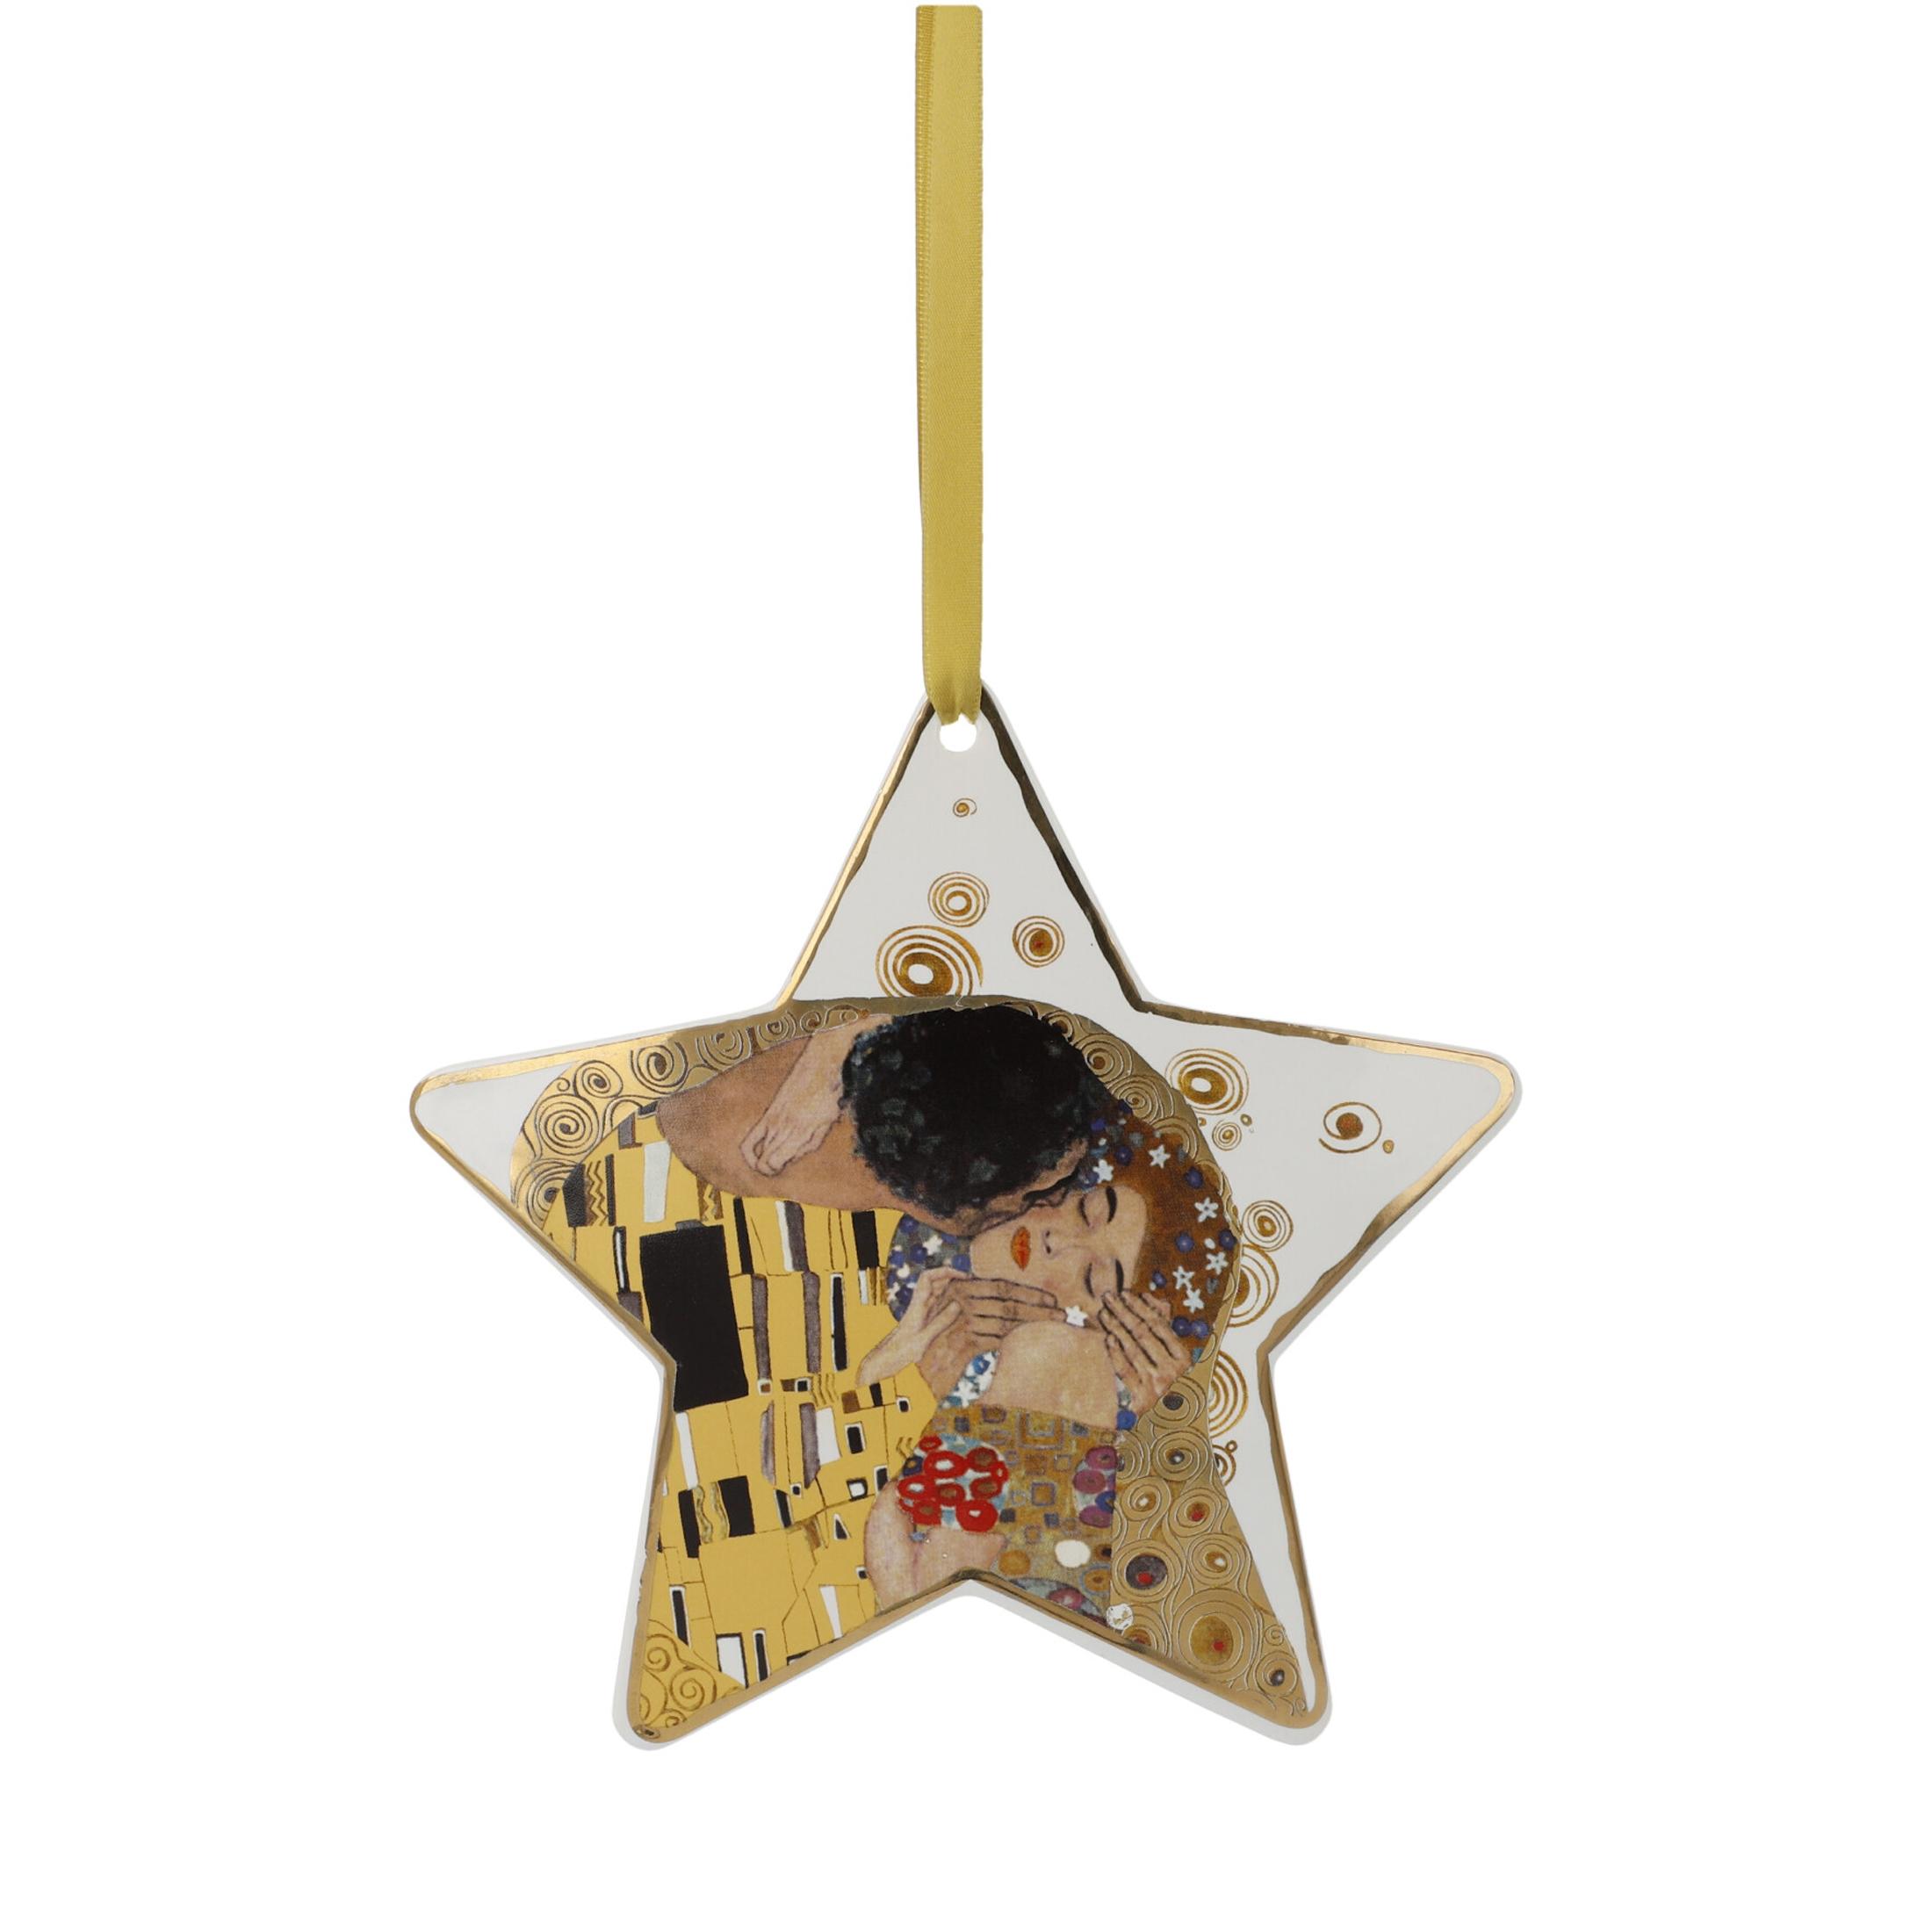 Goebel Artis Orbis Gustav Klimt Christmas Time 'Der Kuss Weiß - Hängeornament' 2021 !